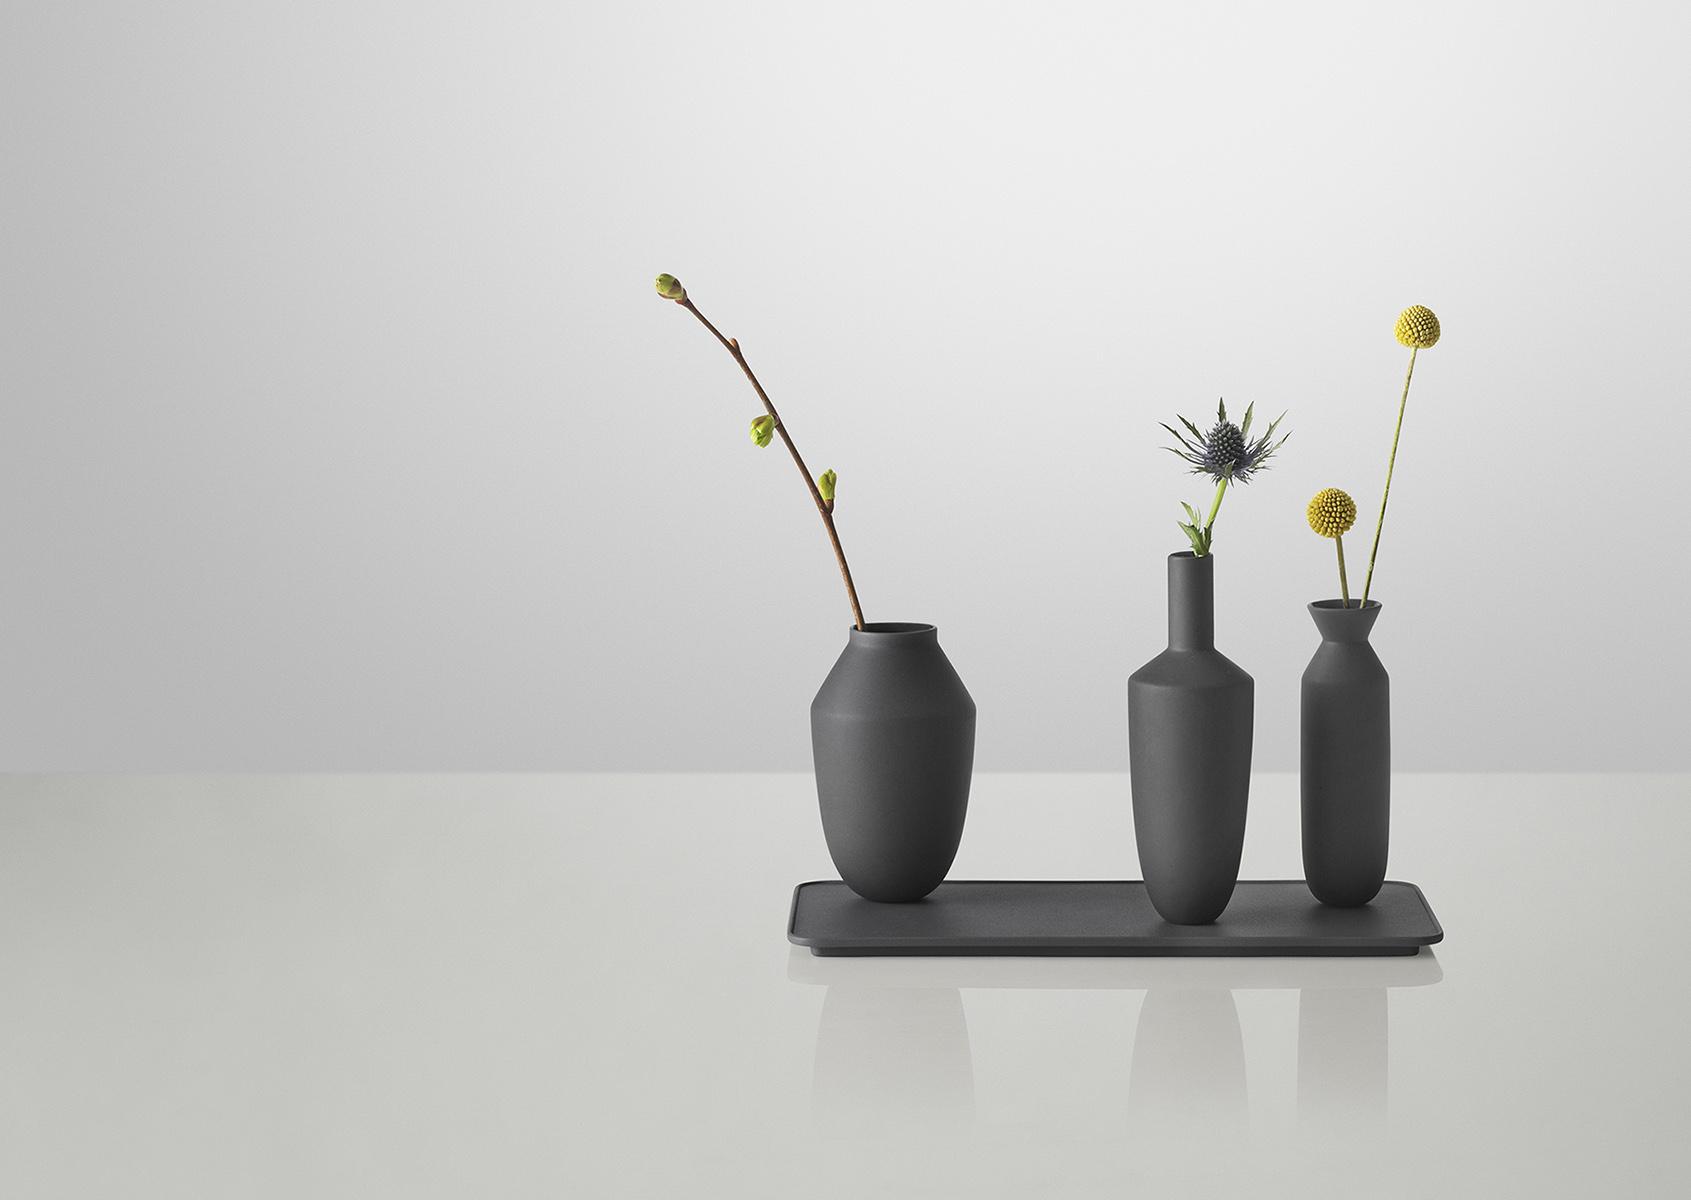 Balance_vase_set_black_flowers_